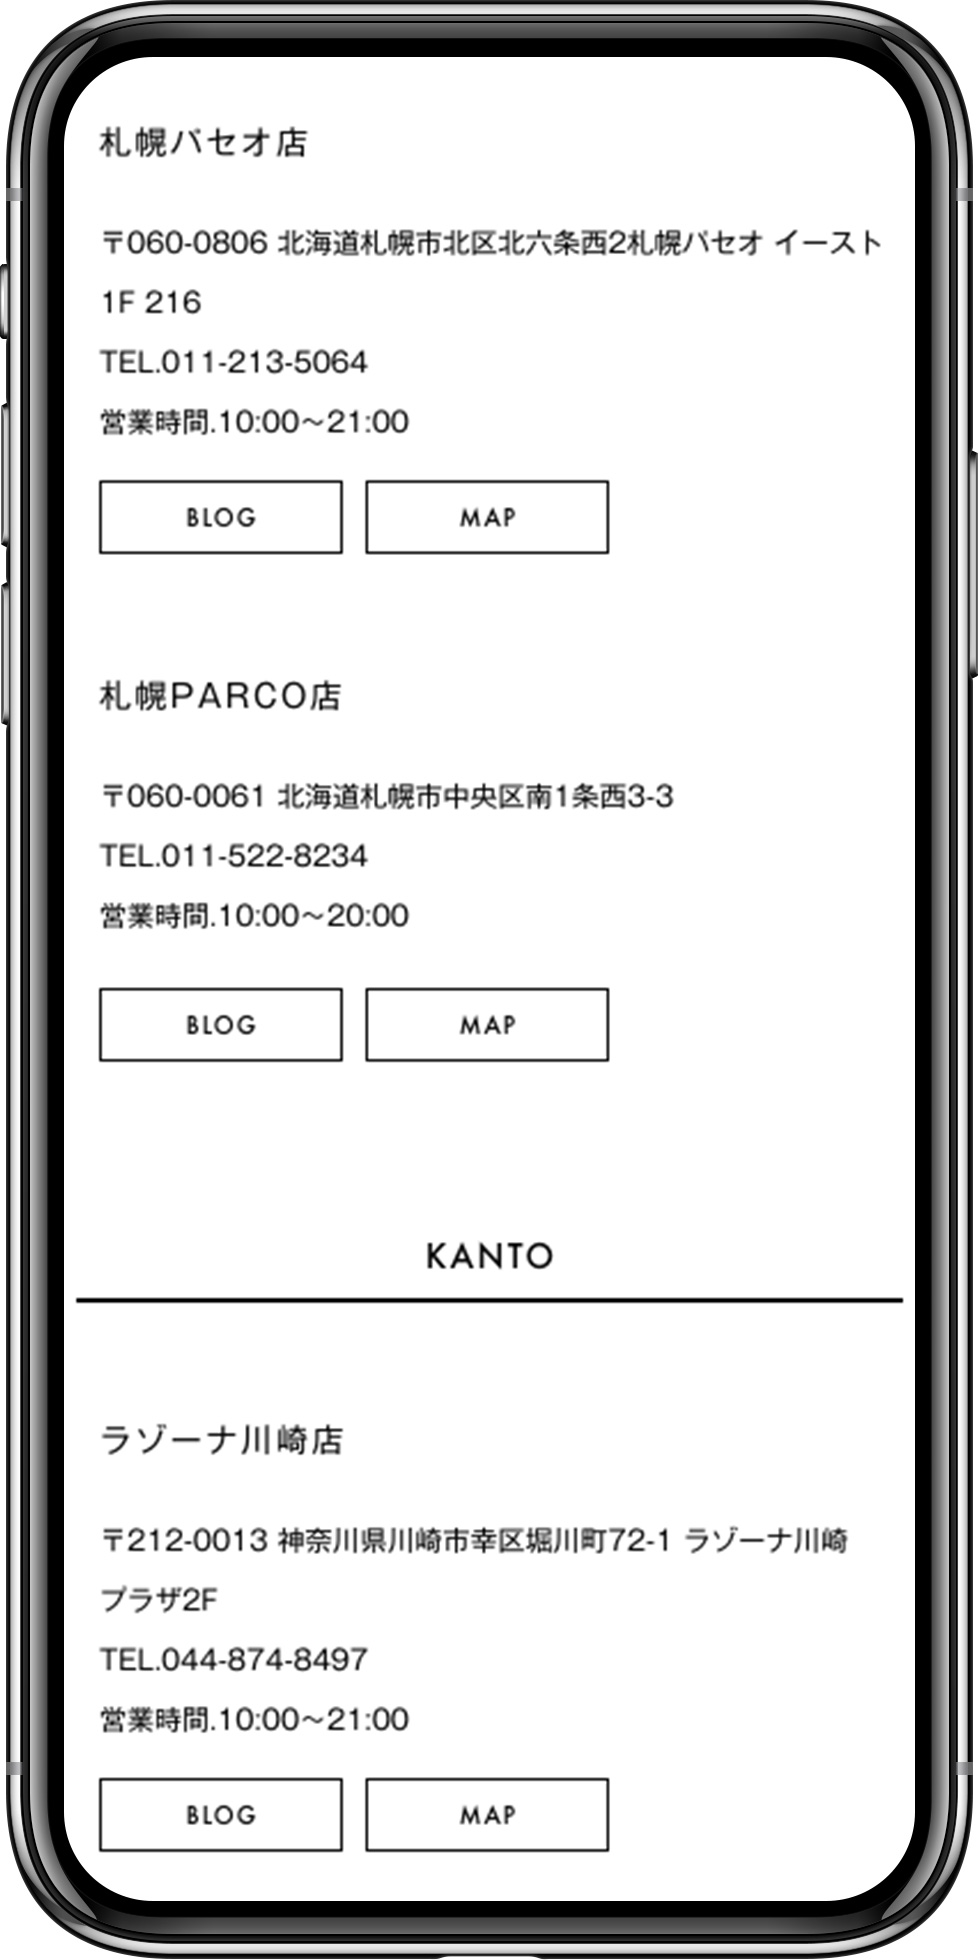 https://artpeace.jp/wp-content/uploads/2018/05/work1.png